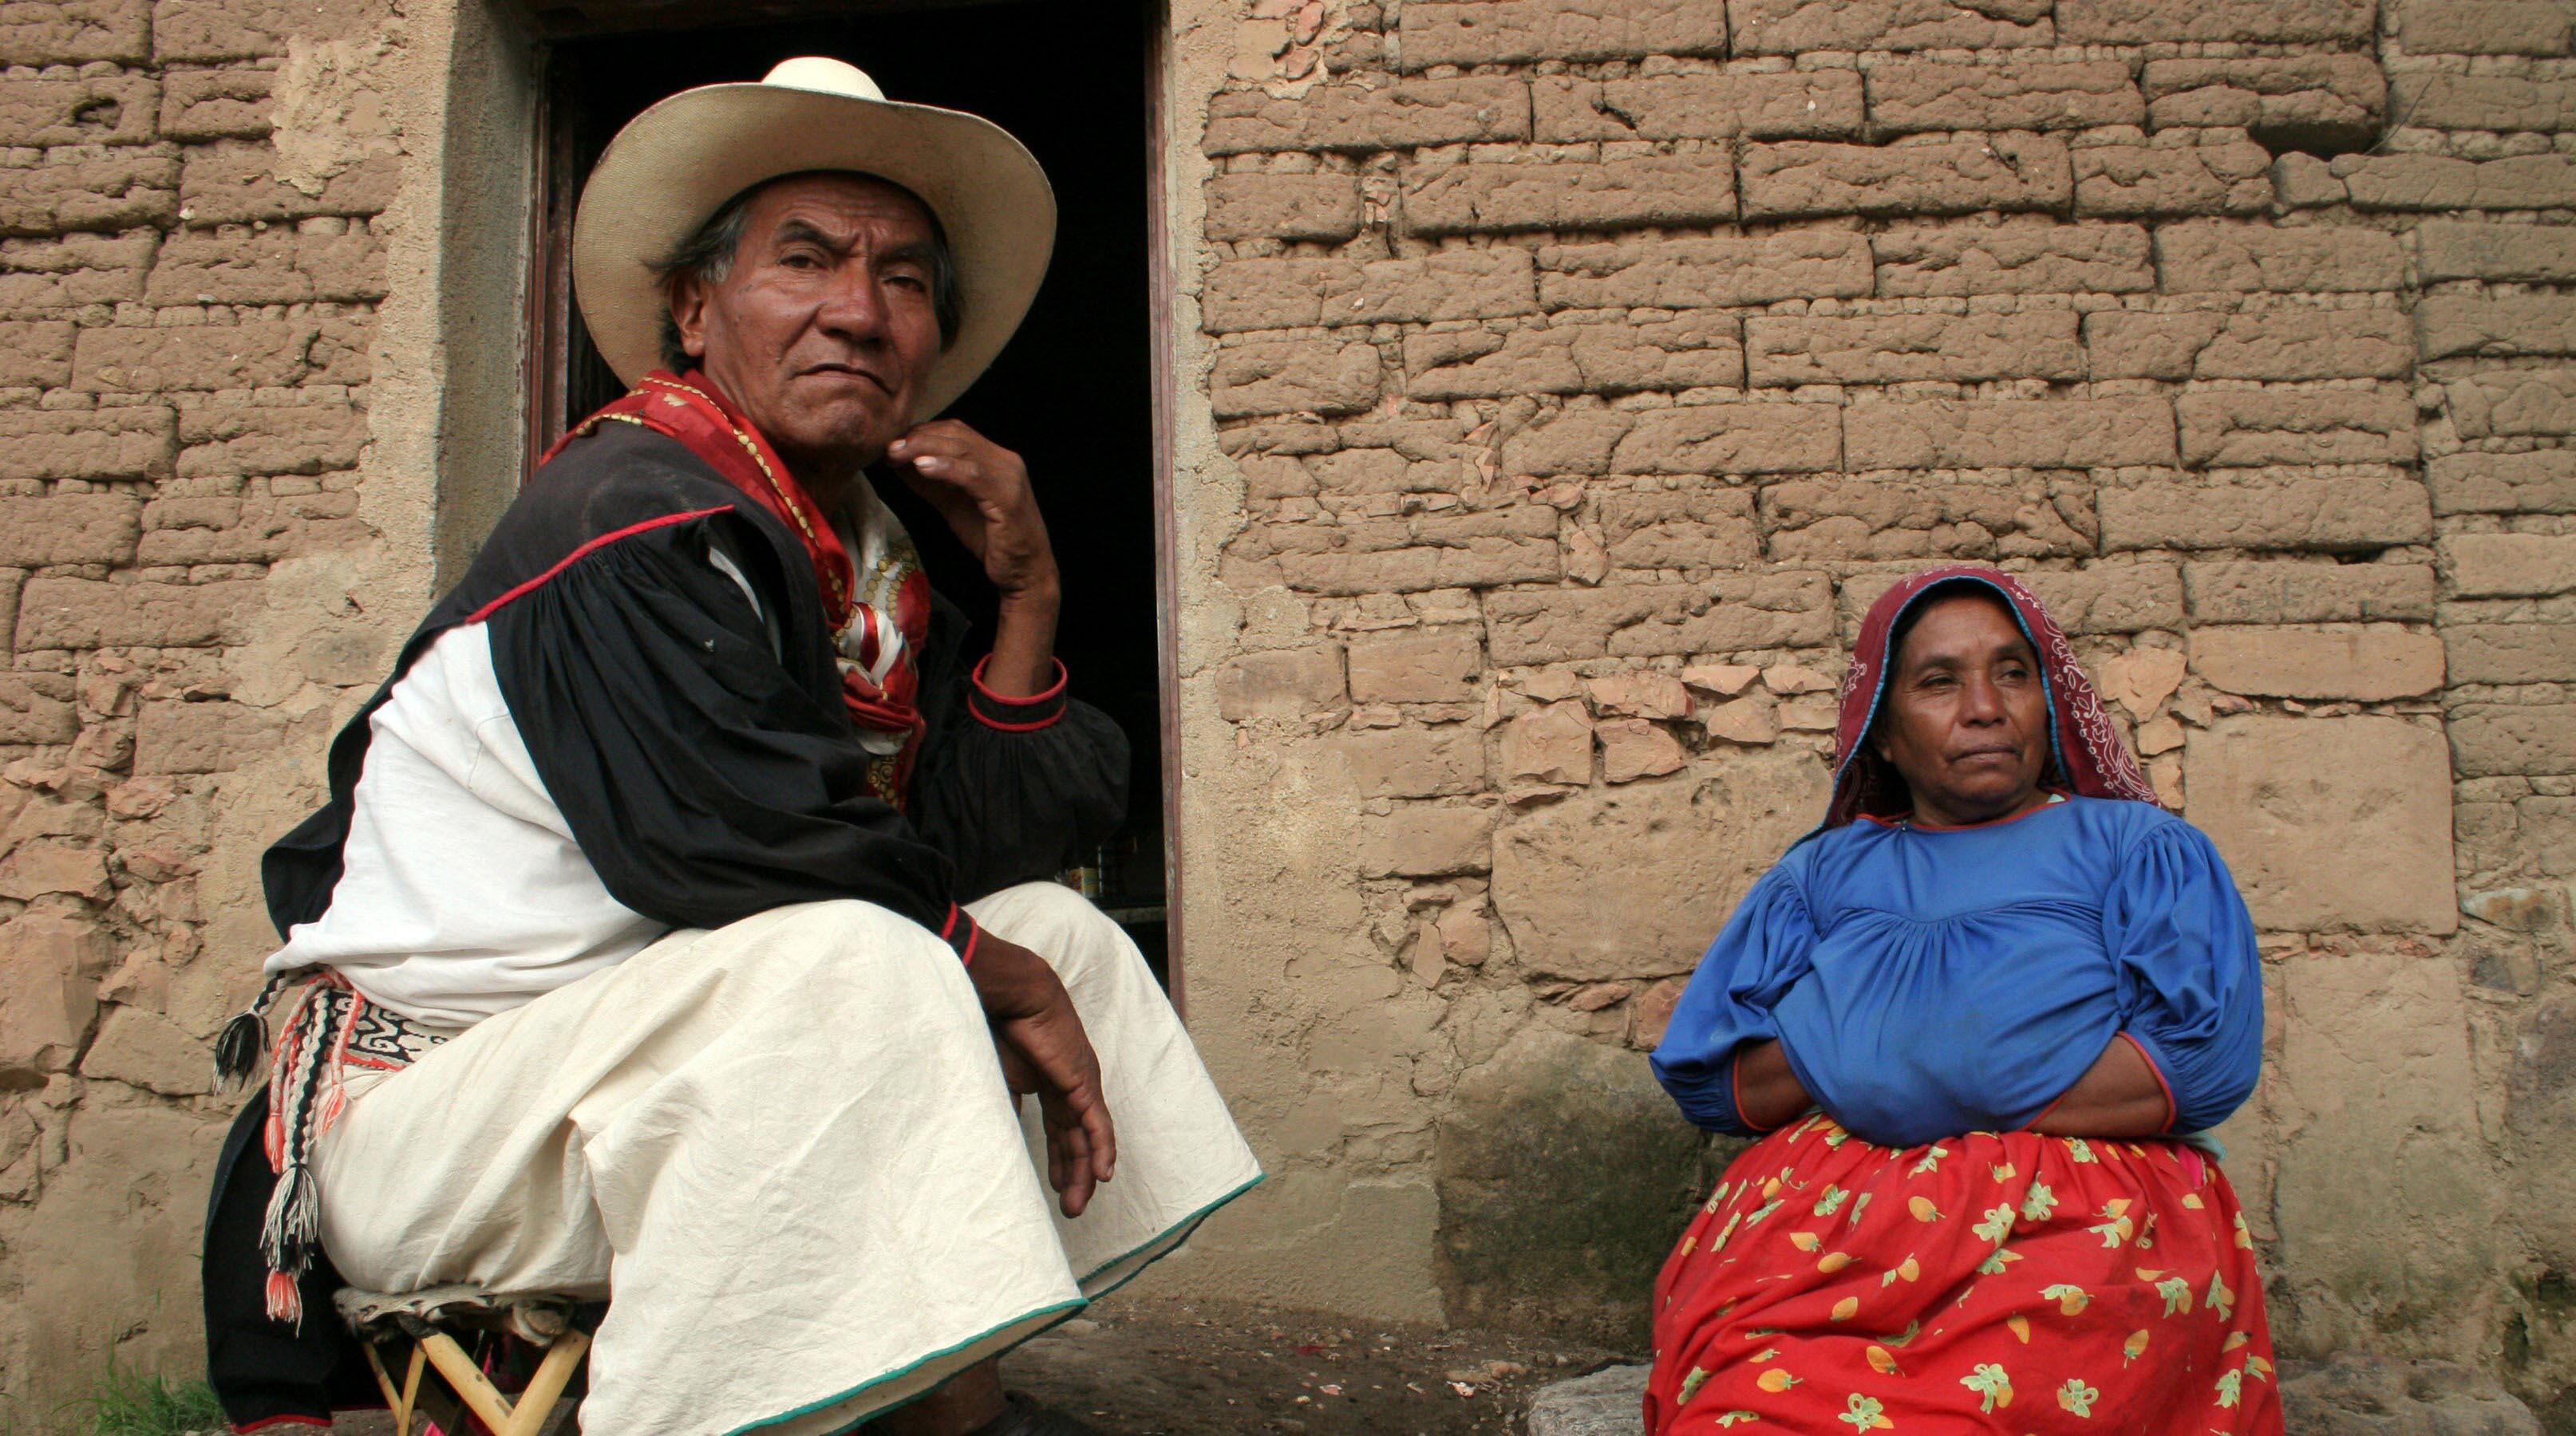 Piden comunidades indígenas y afromexicanas pleno respeto a sus derechos y costumbres